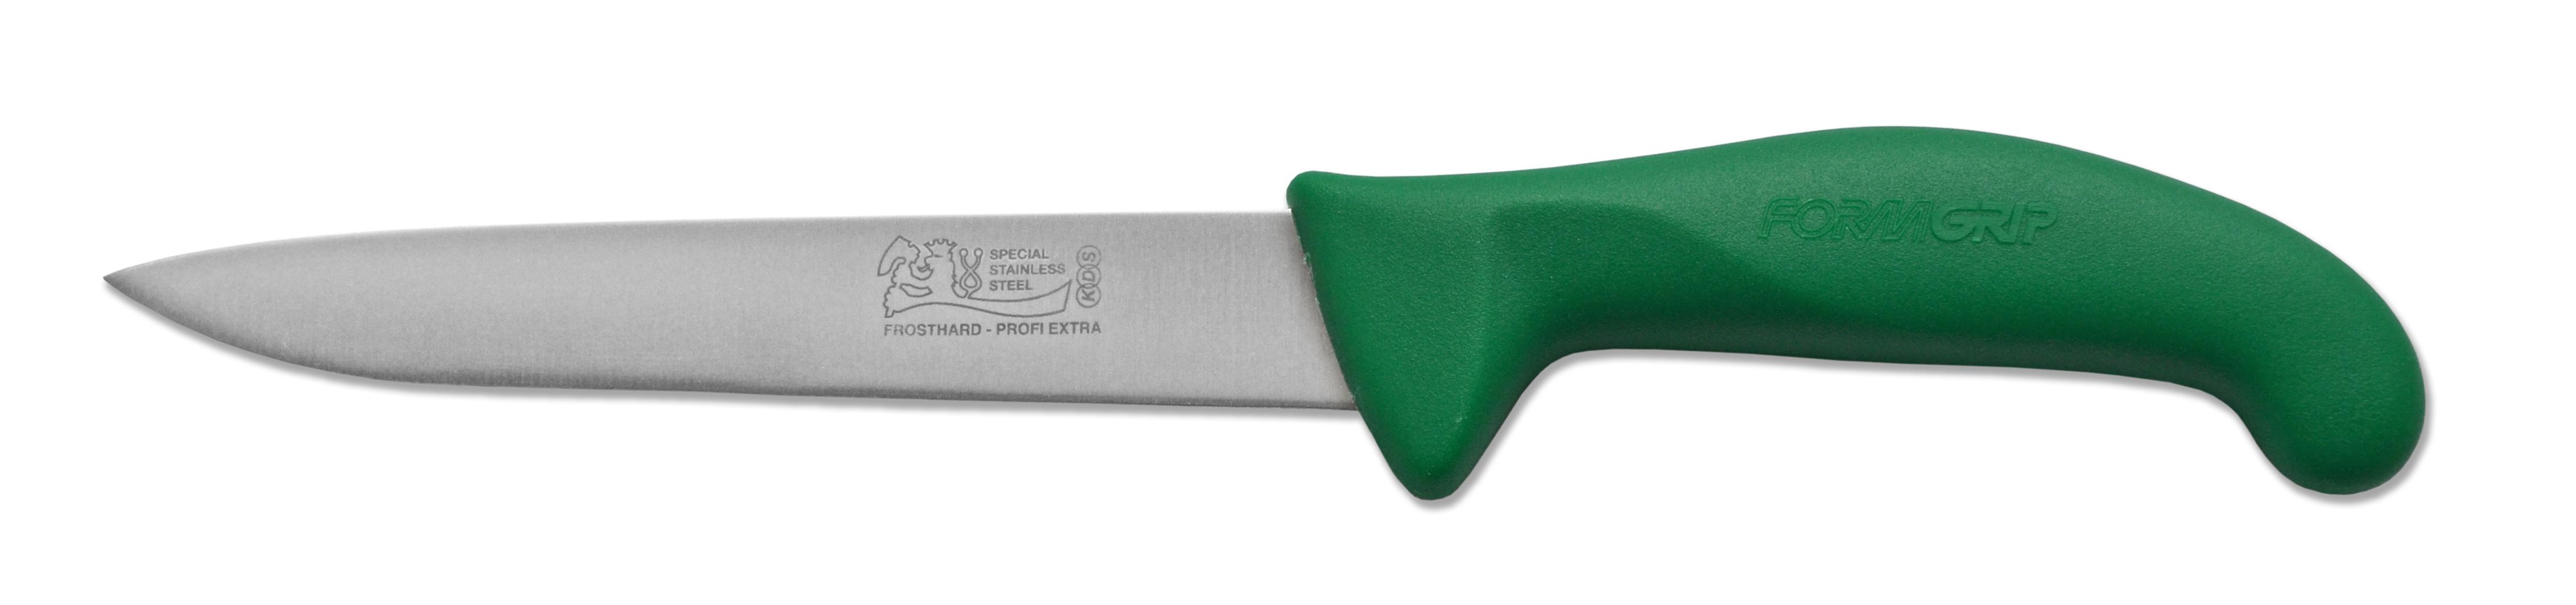 Nůž řeznický středošpičatý 7 - Frosthard